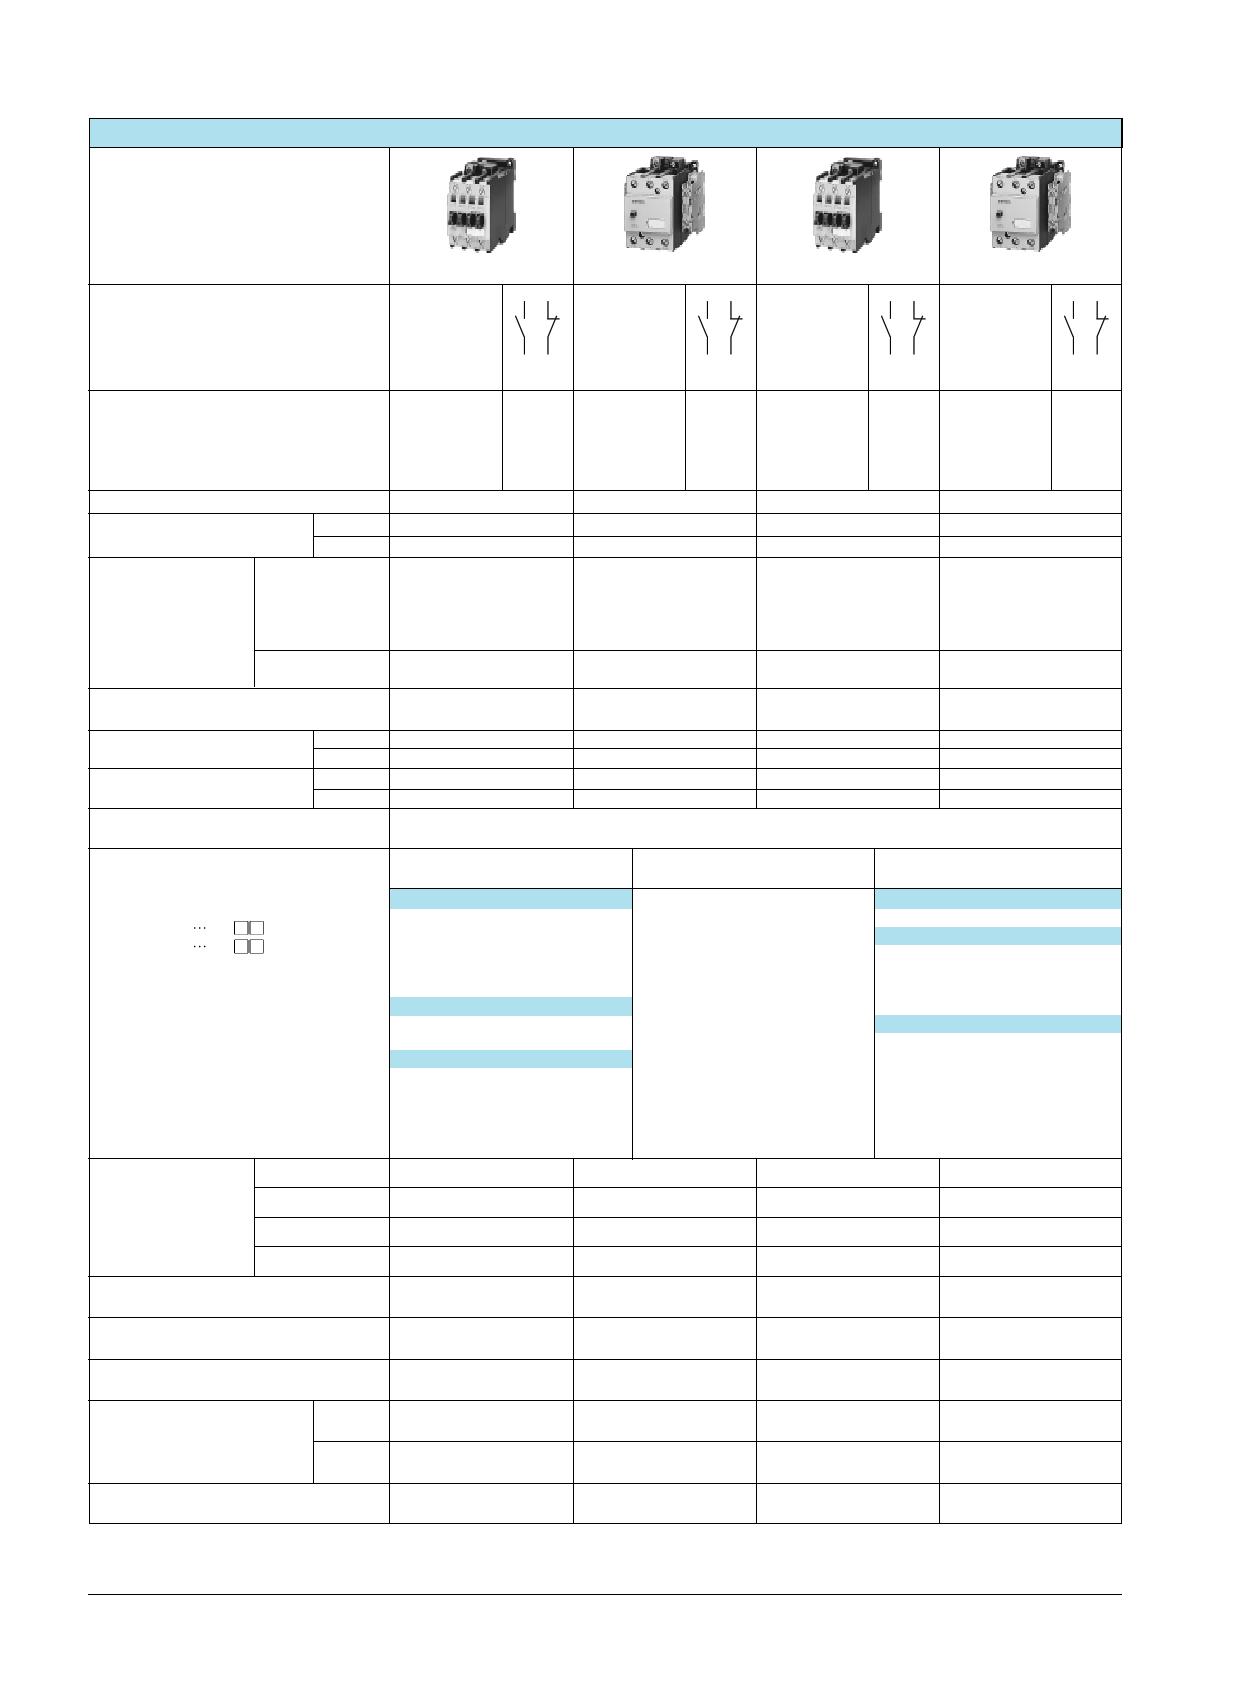 3TF51 pdf, 電子部品, 半導体, ピン配列